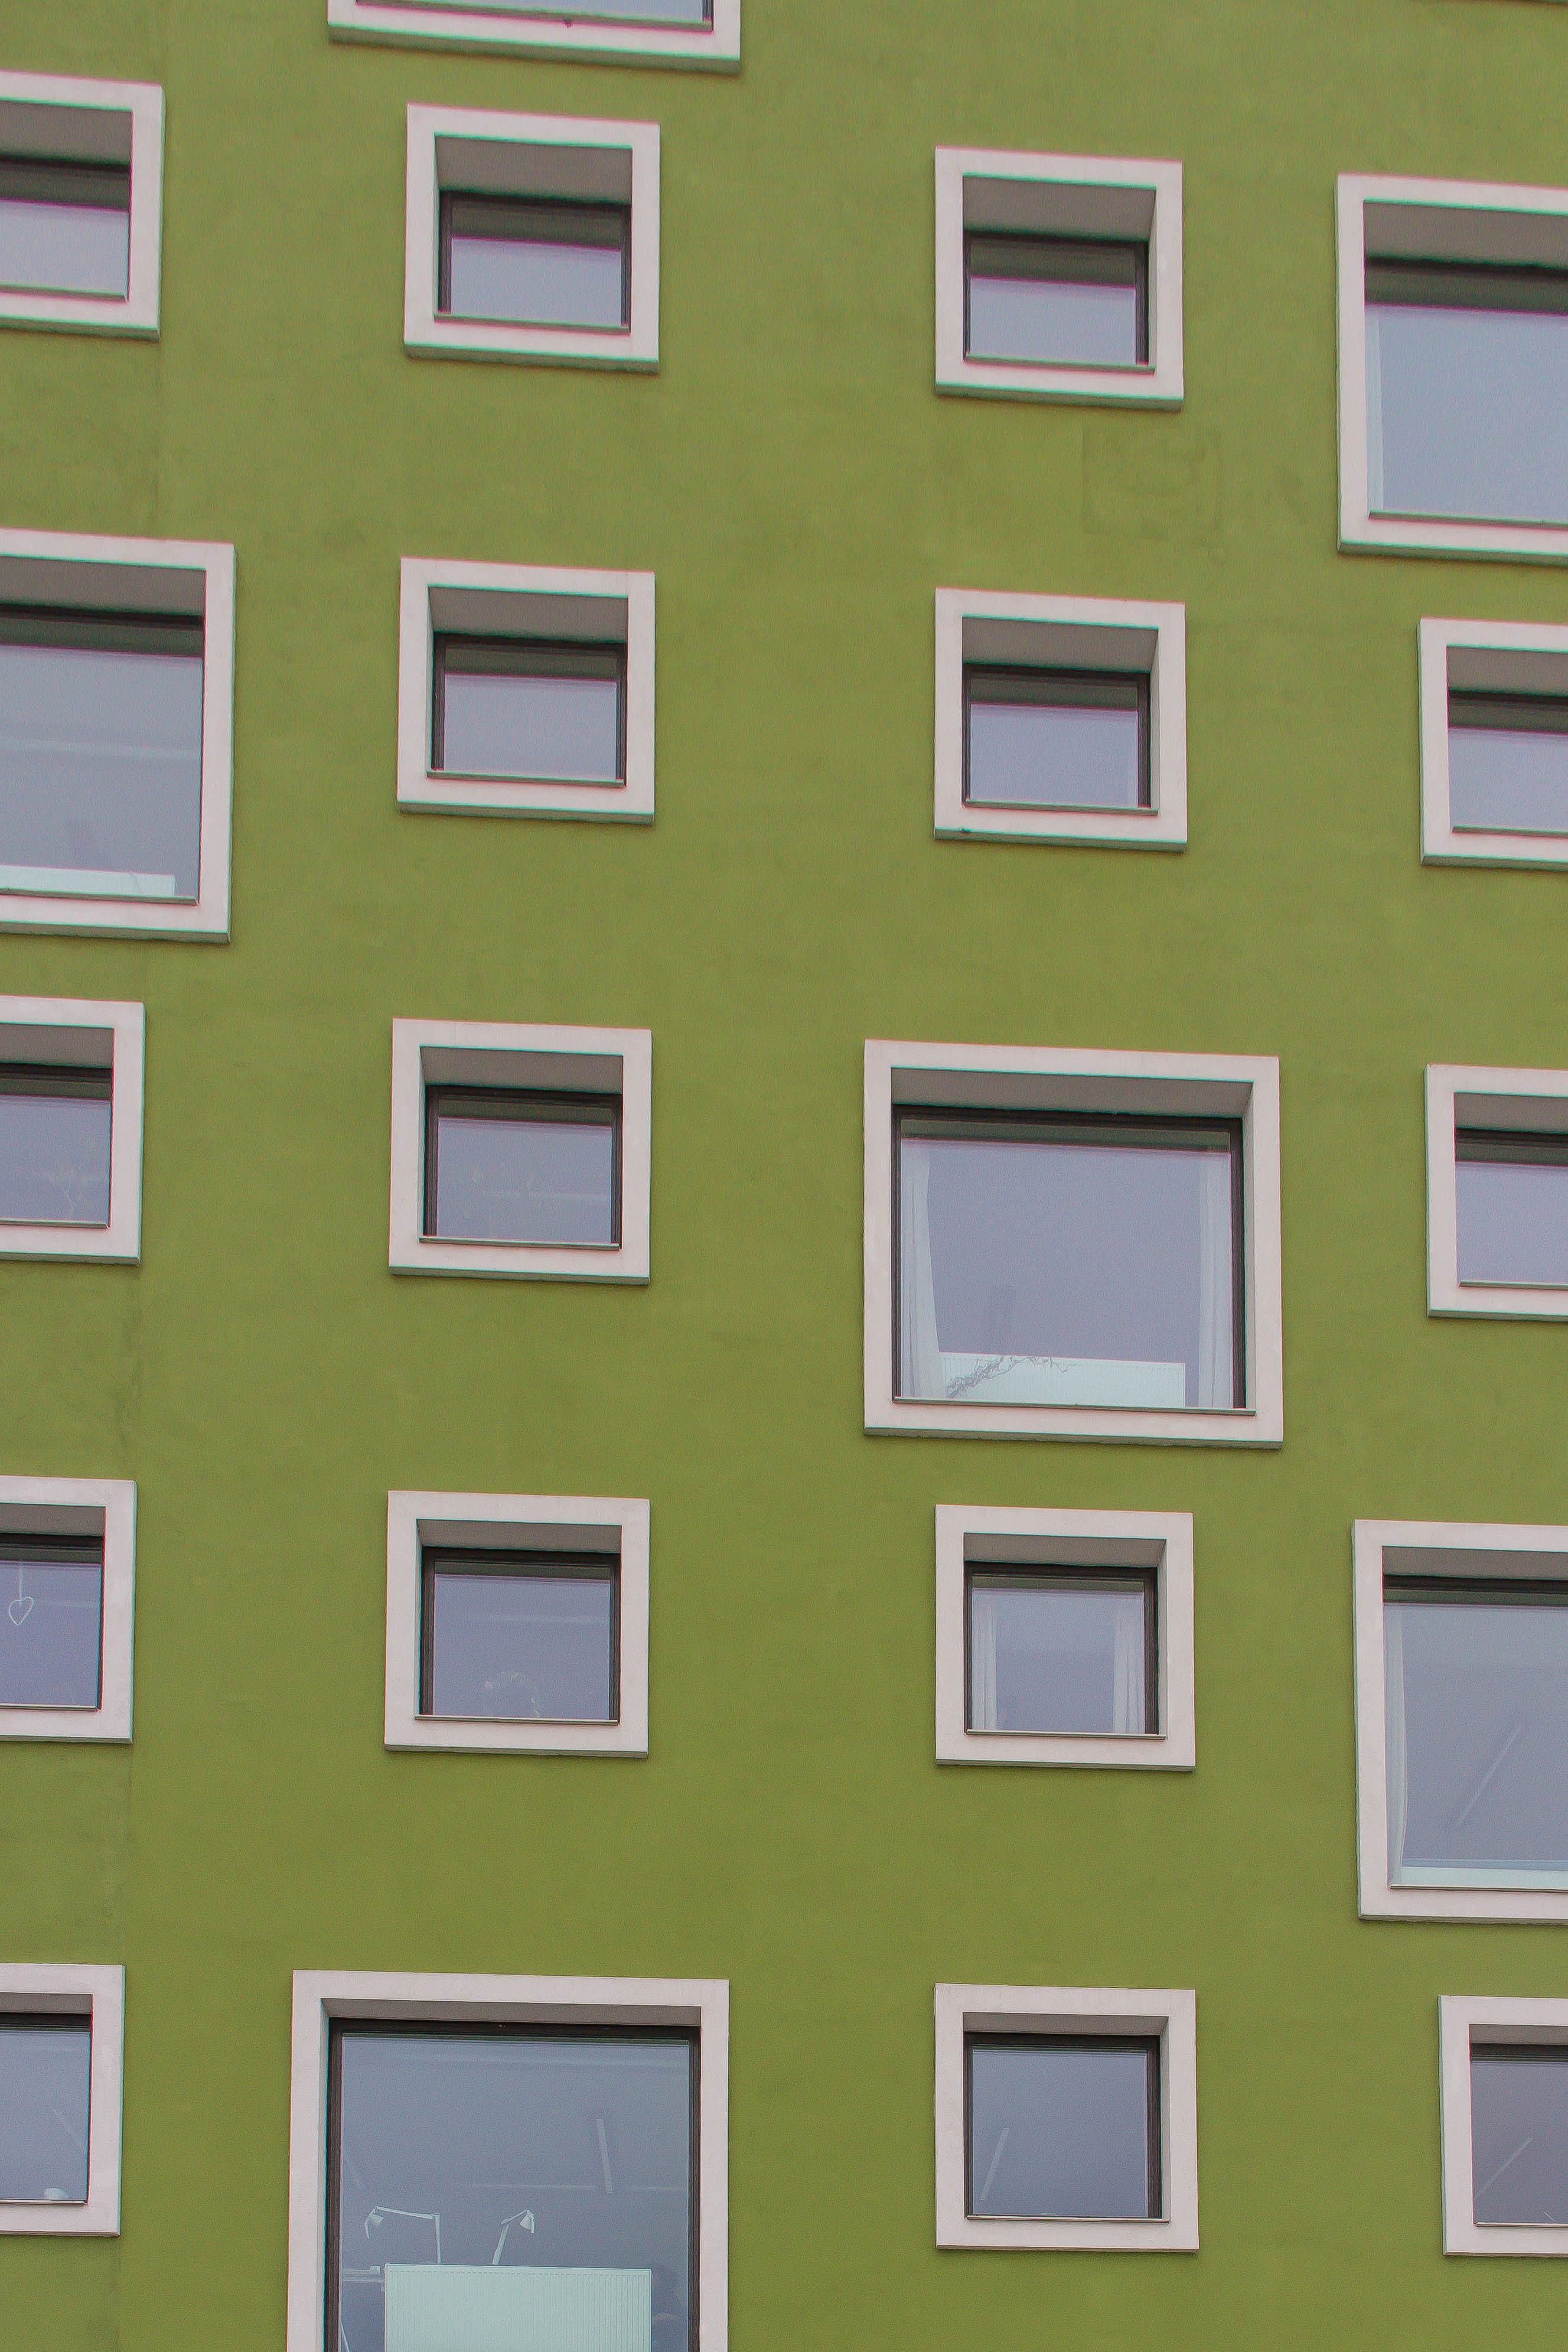 Sfondi architettura costruzione parete verde blu modello balcone interior design - Finestre a ghigliottina ...